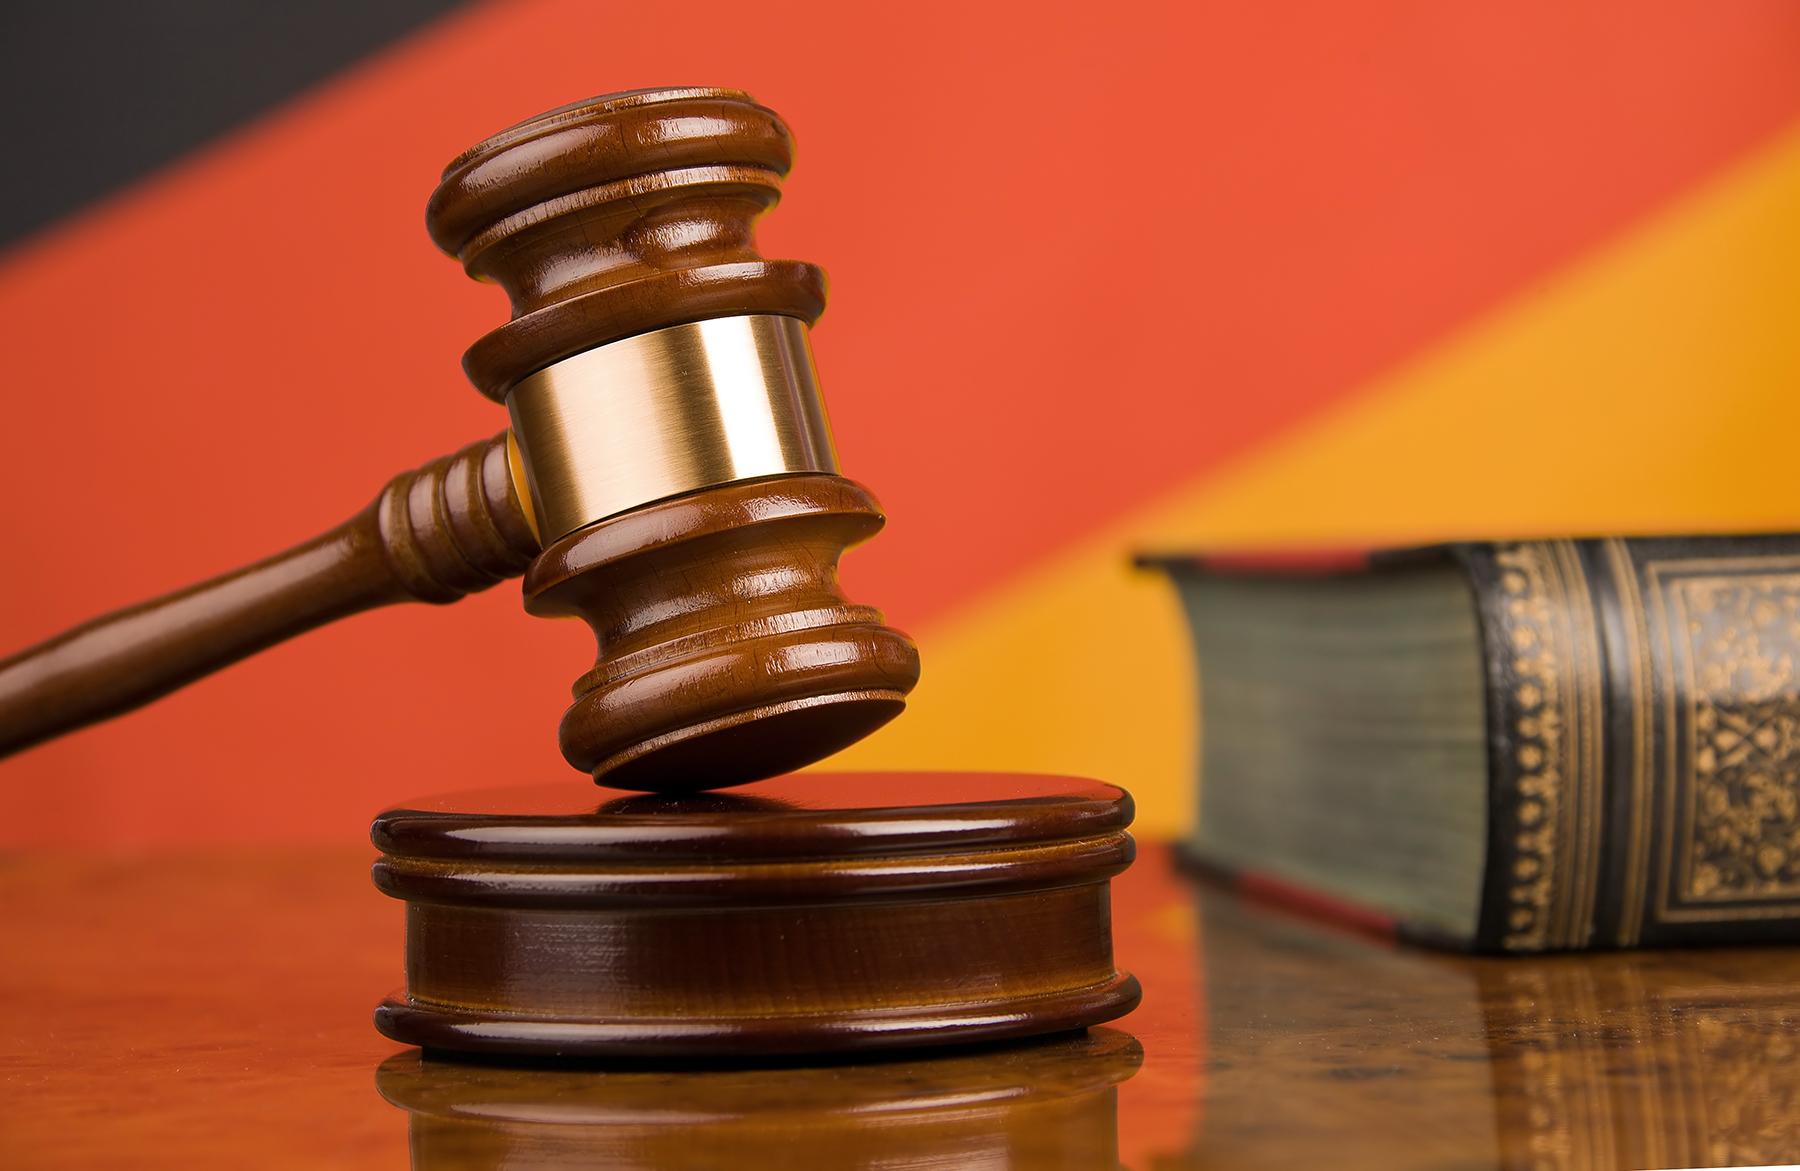 Acusado de matar ao dirigir embriagado é condenado a seis anos de prisão